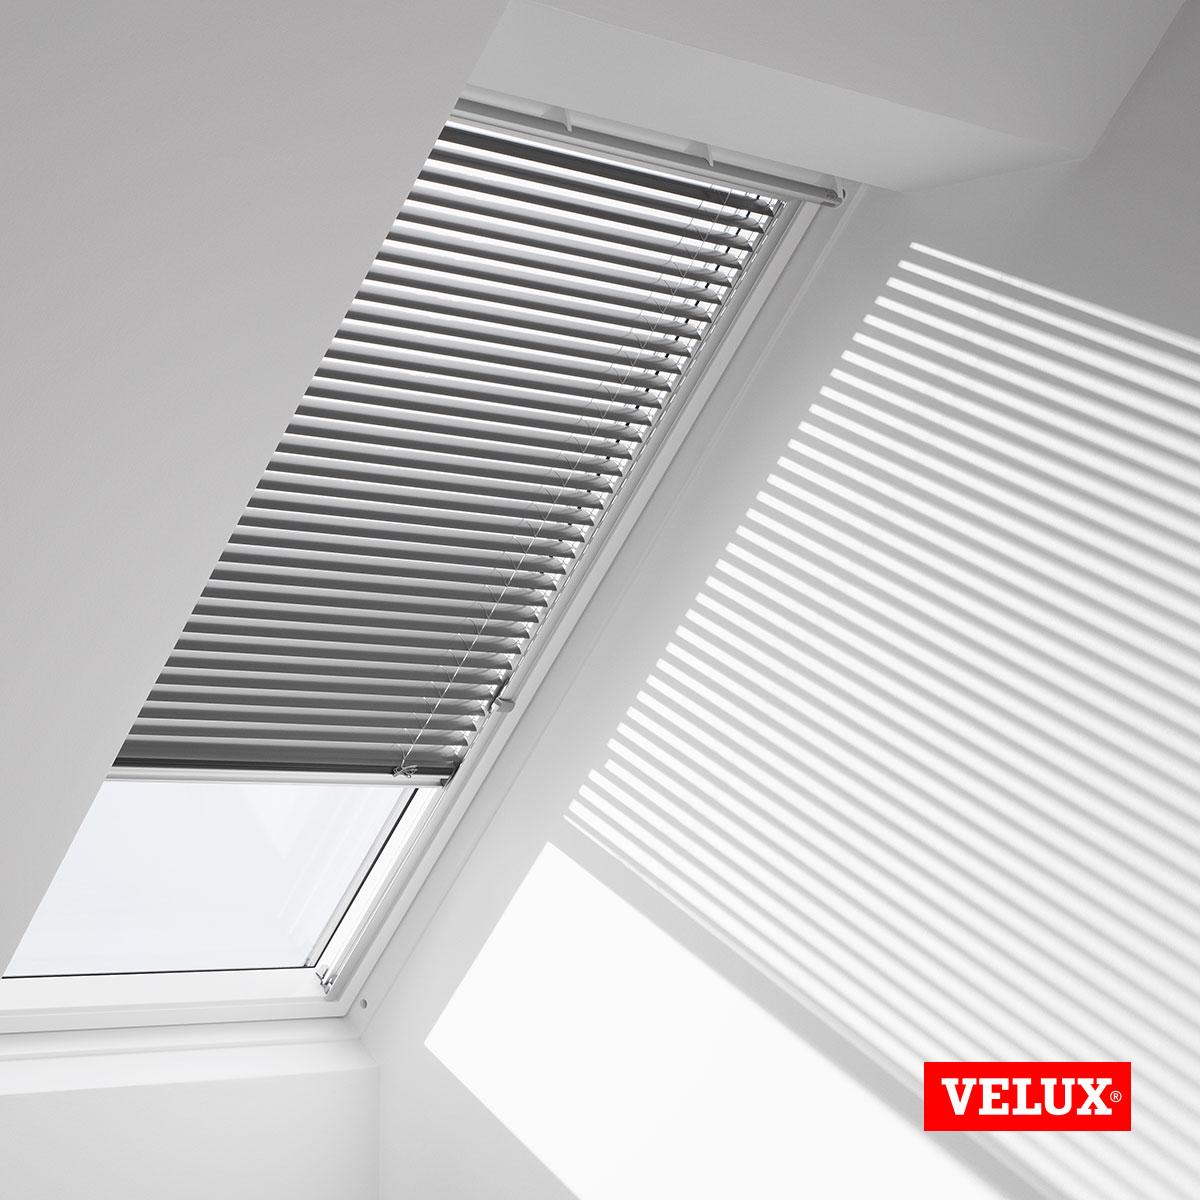 velux ghl 606 finest roller shutters with velux ghl 606. Black Bedroom Furniture Sets. Home Design Ideas